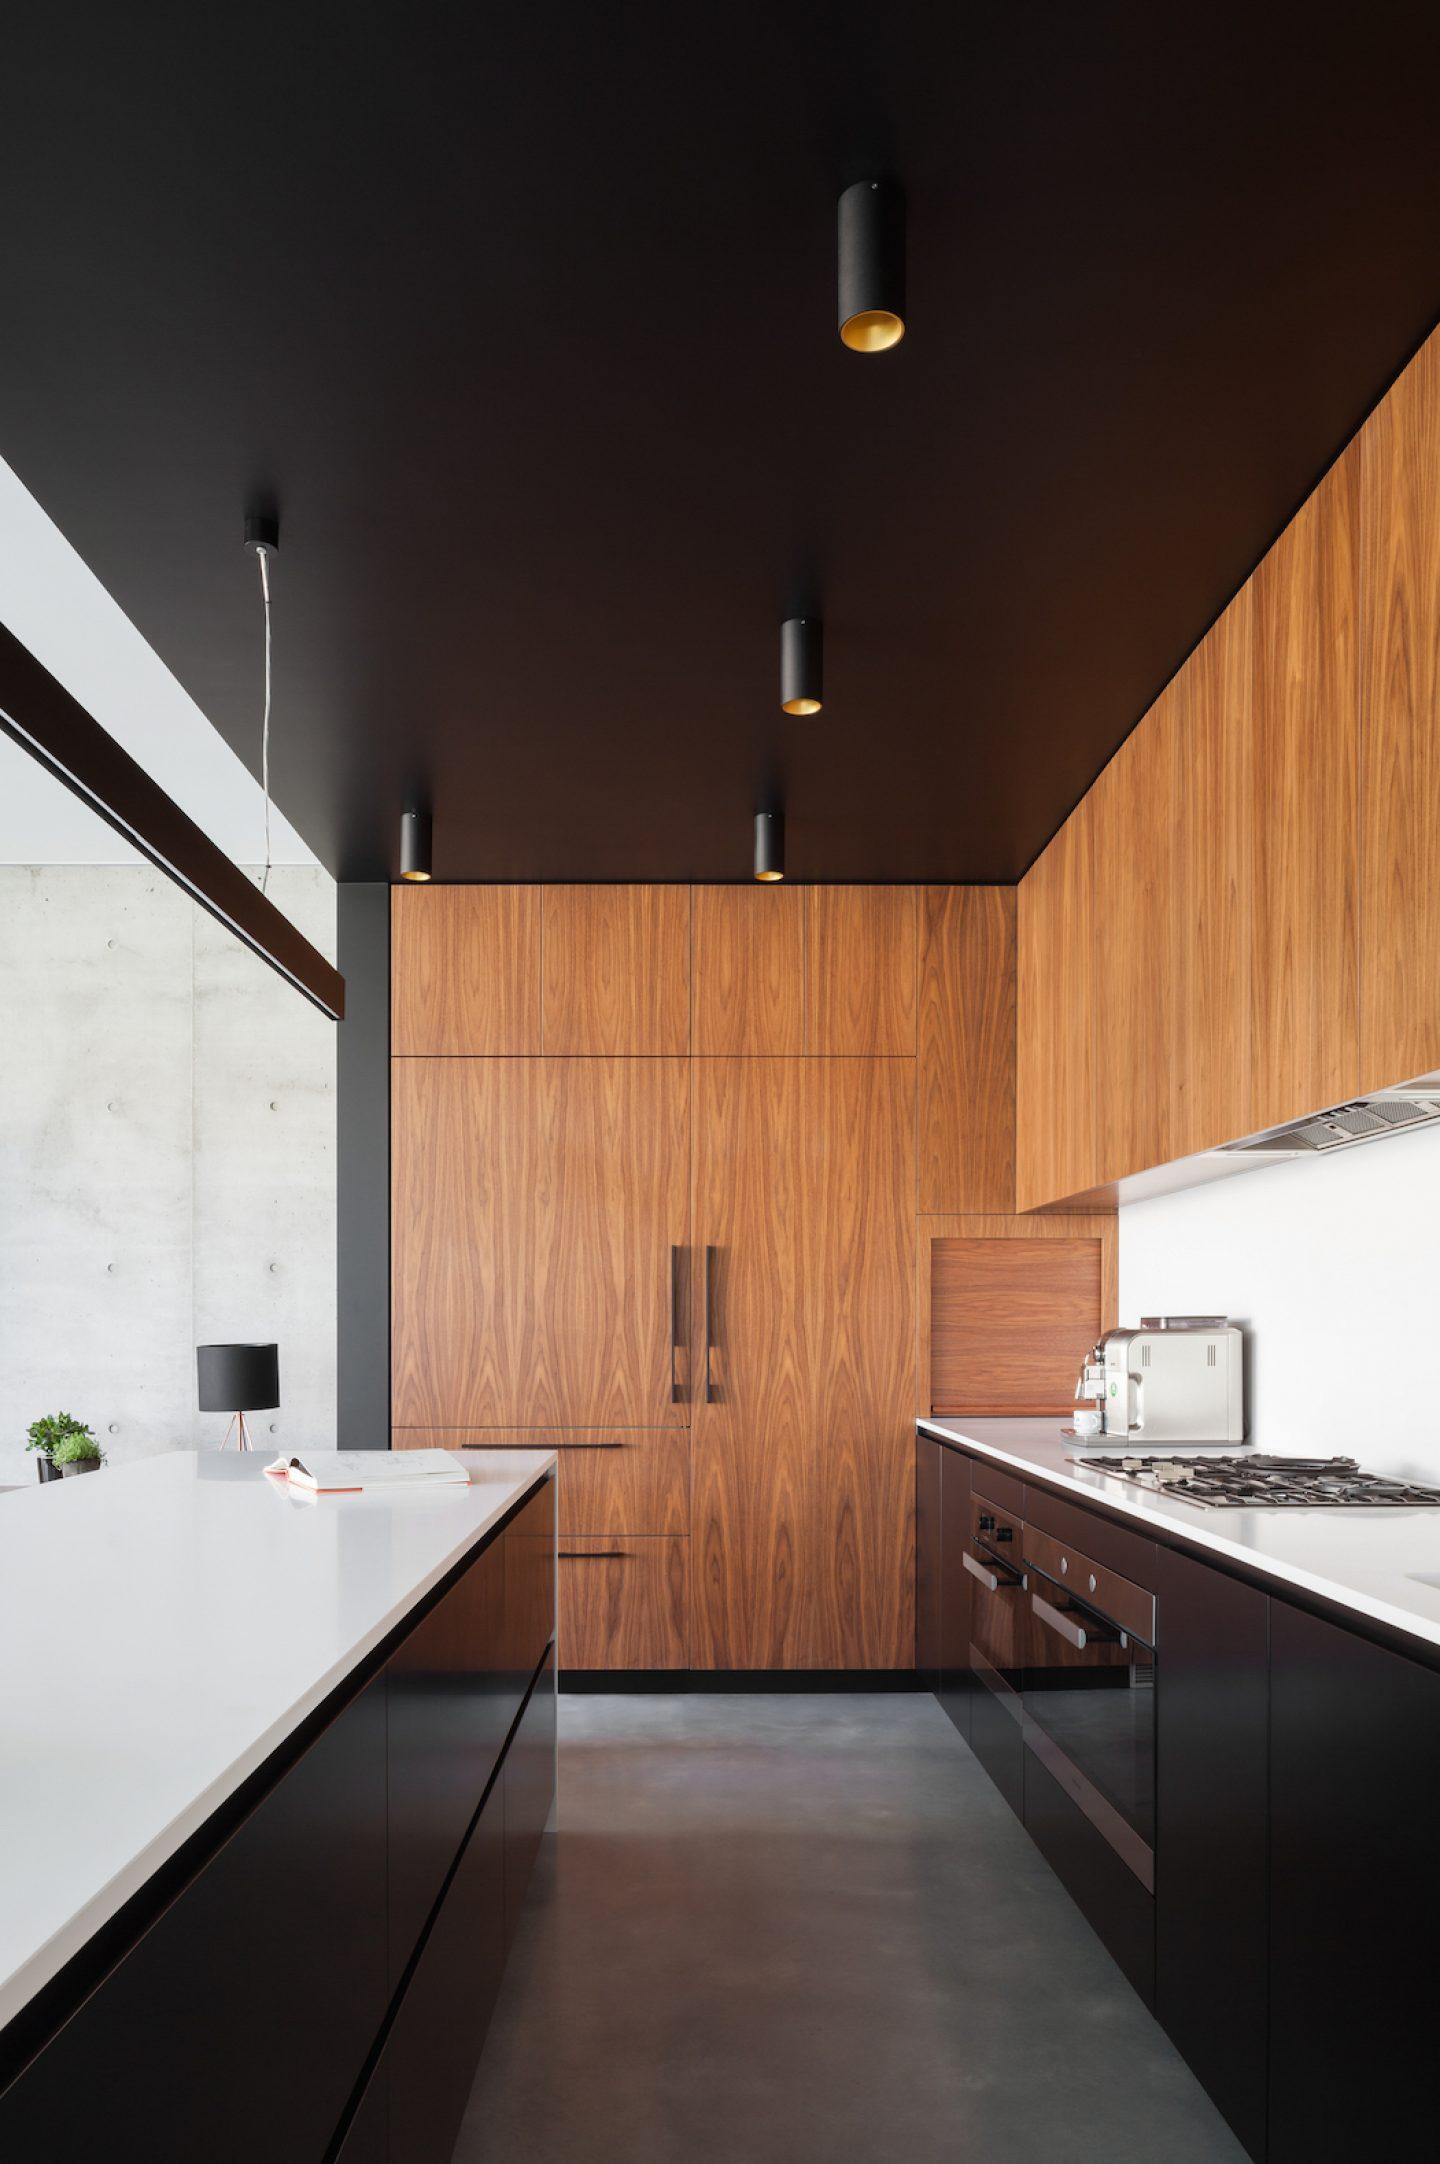 architecture_concordhouse_i_studio-benicio_07